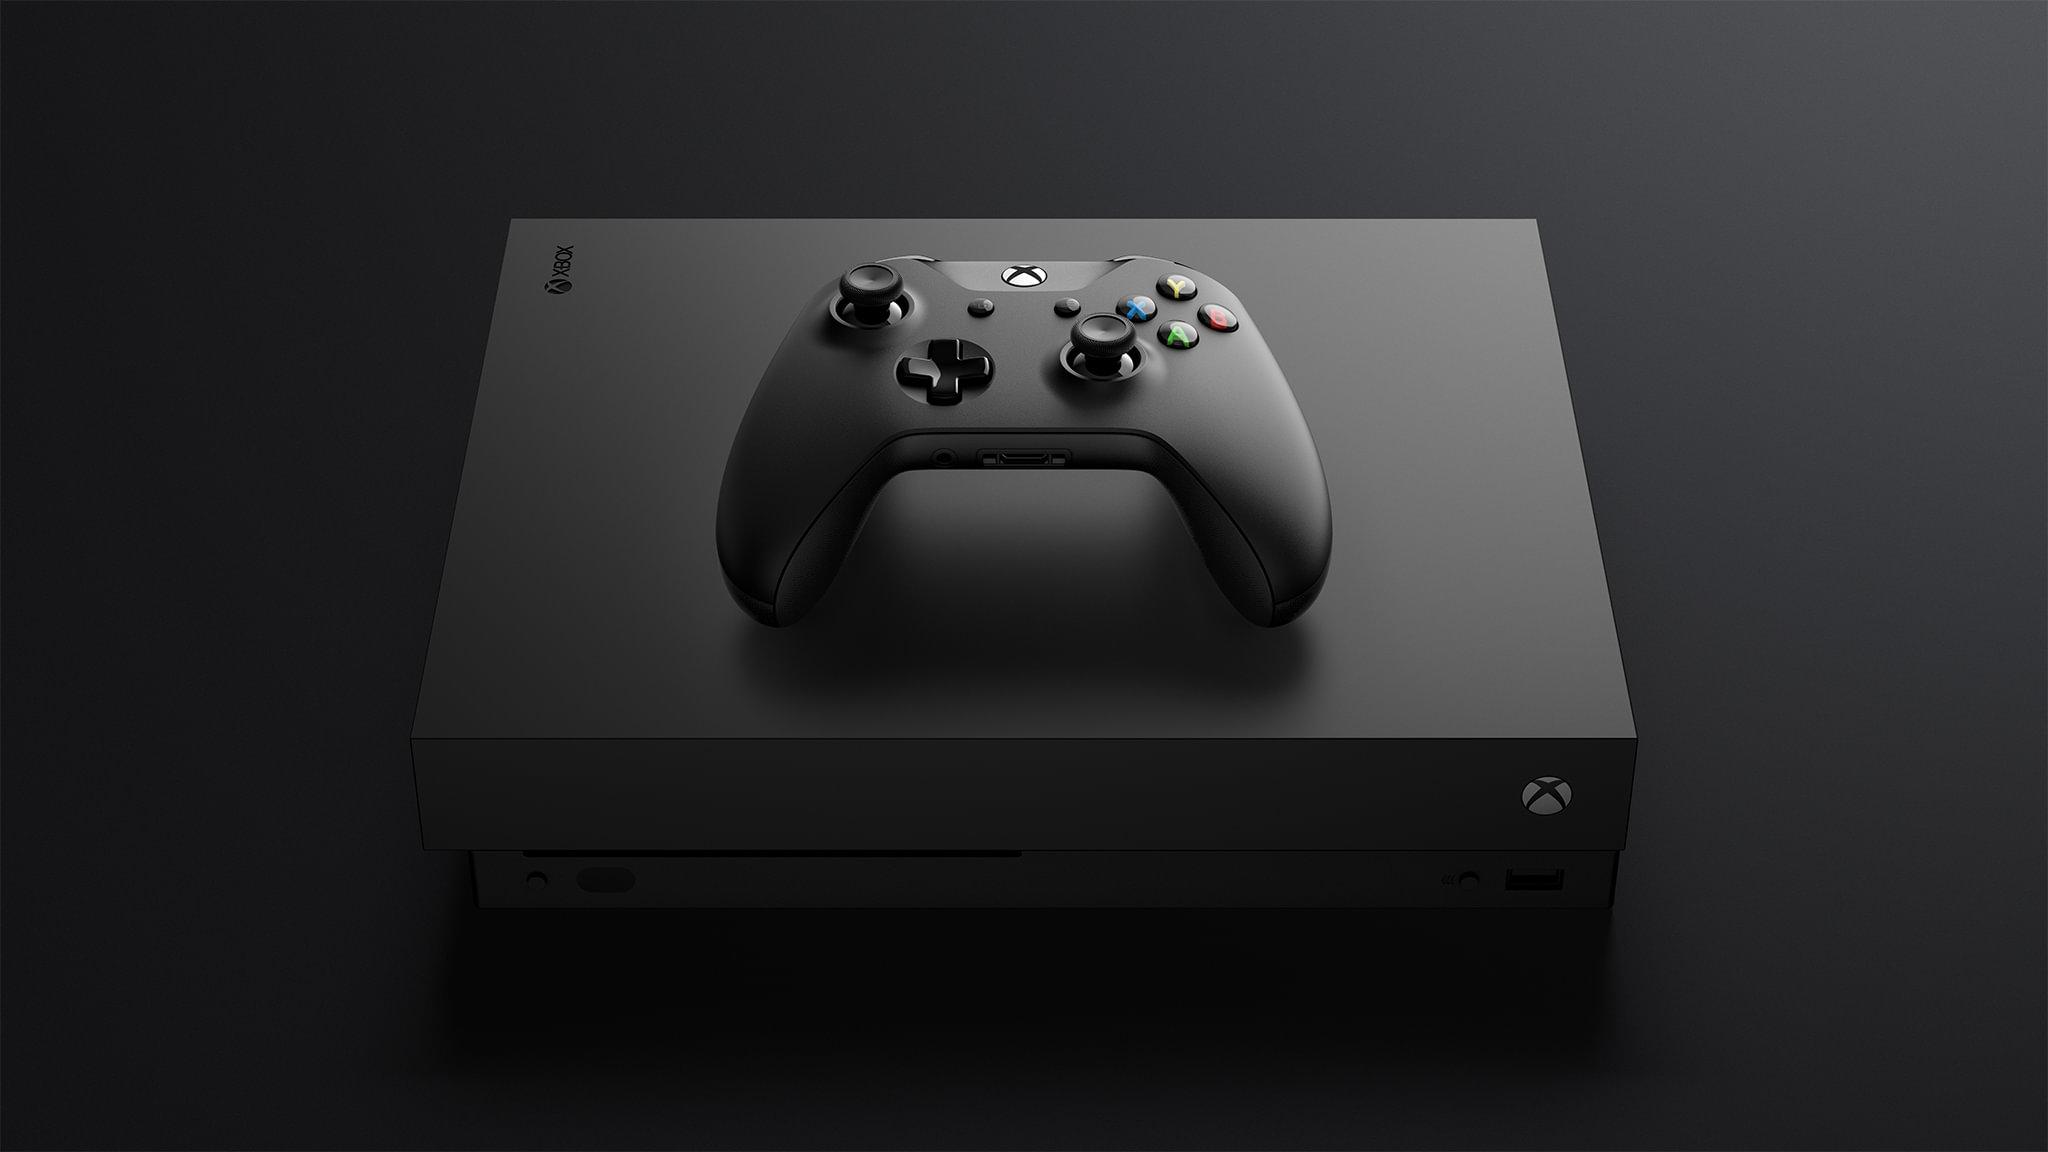 Nudna niedziela? Xbox przychodzi z pomocą i świetnymi promocjami. Gry taniej nawet o 80%! 23